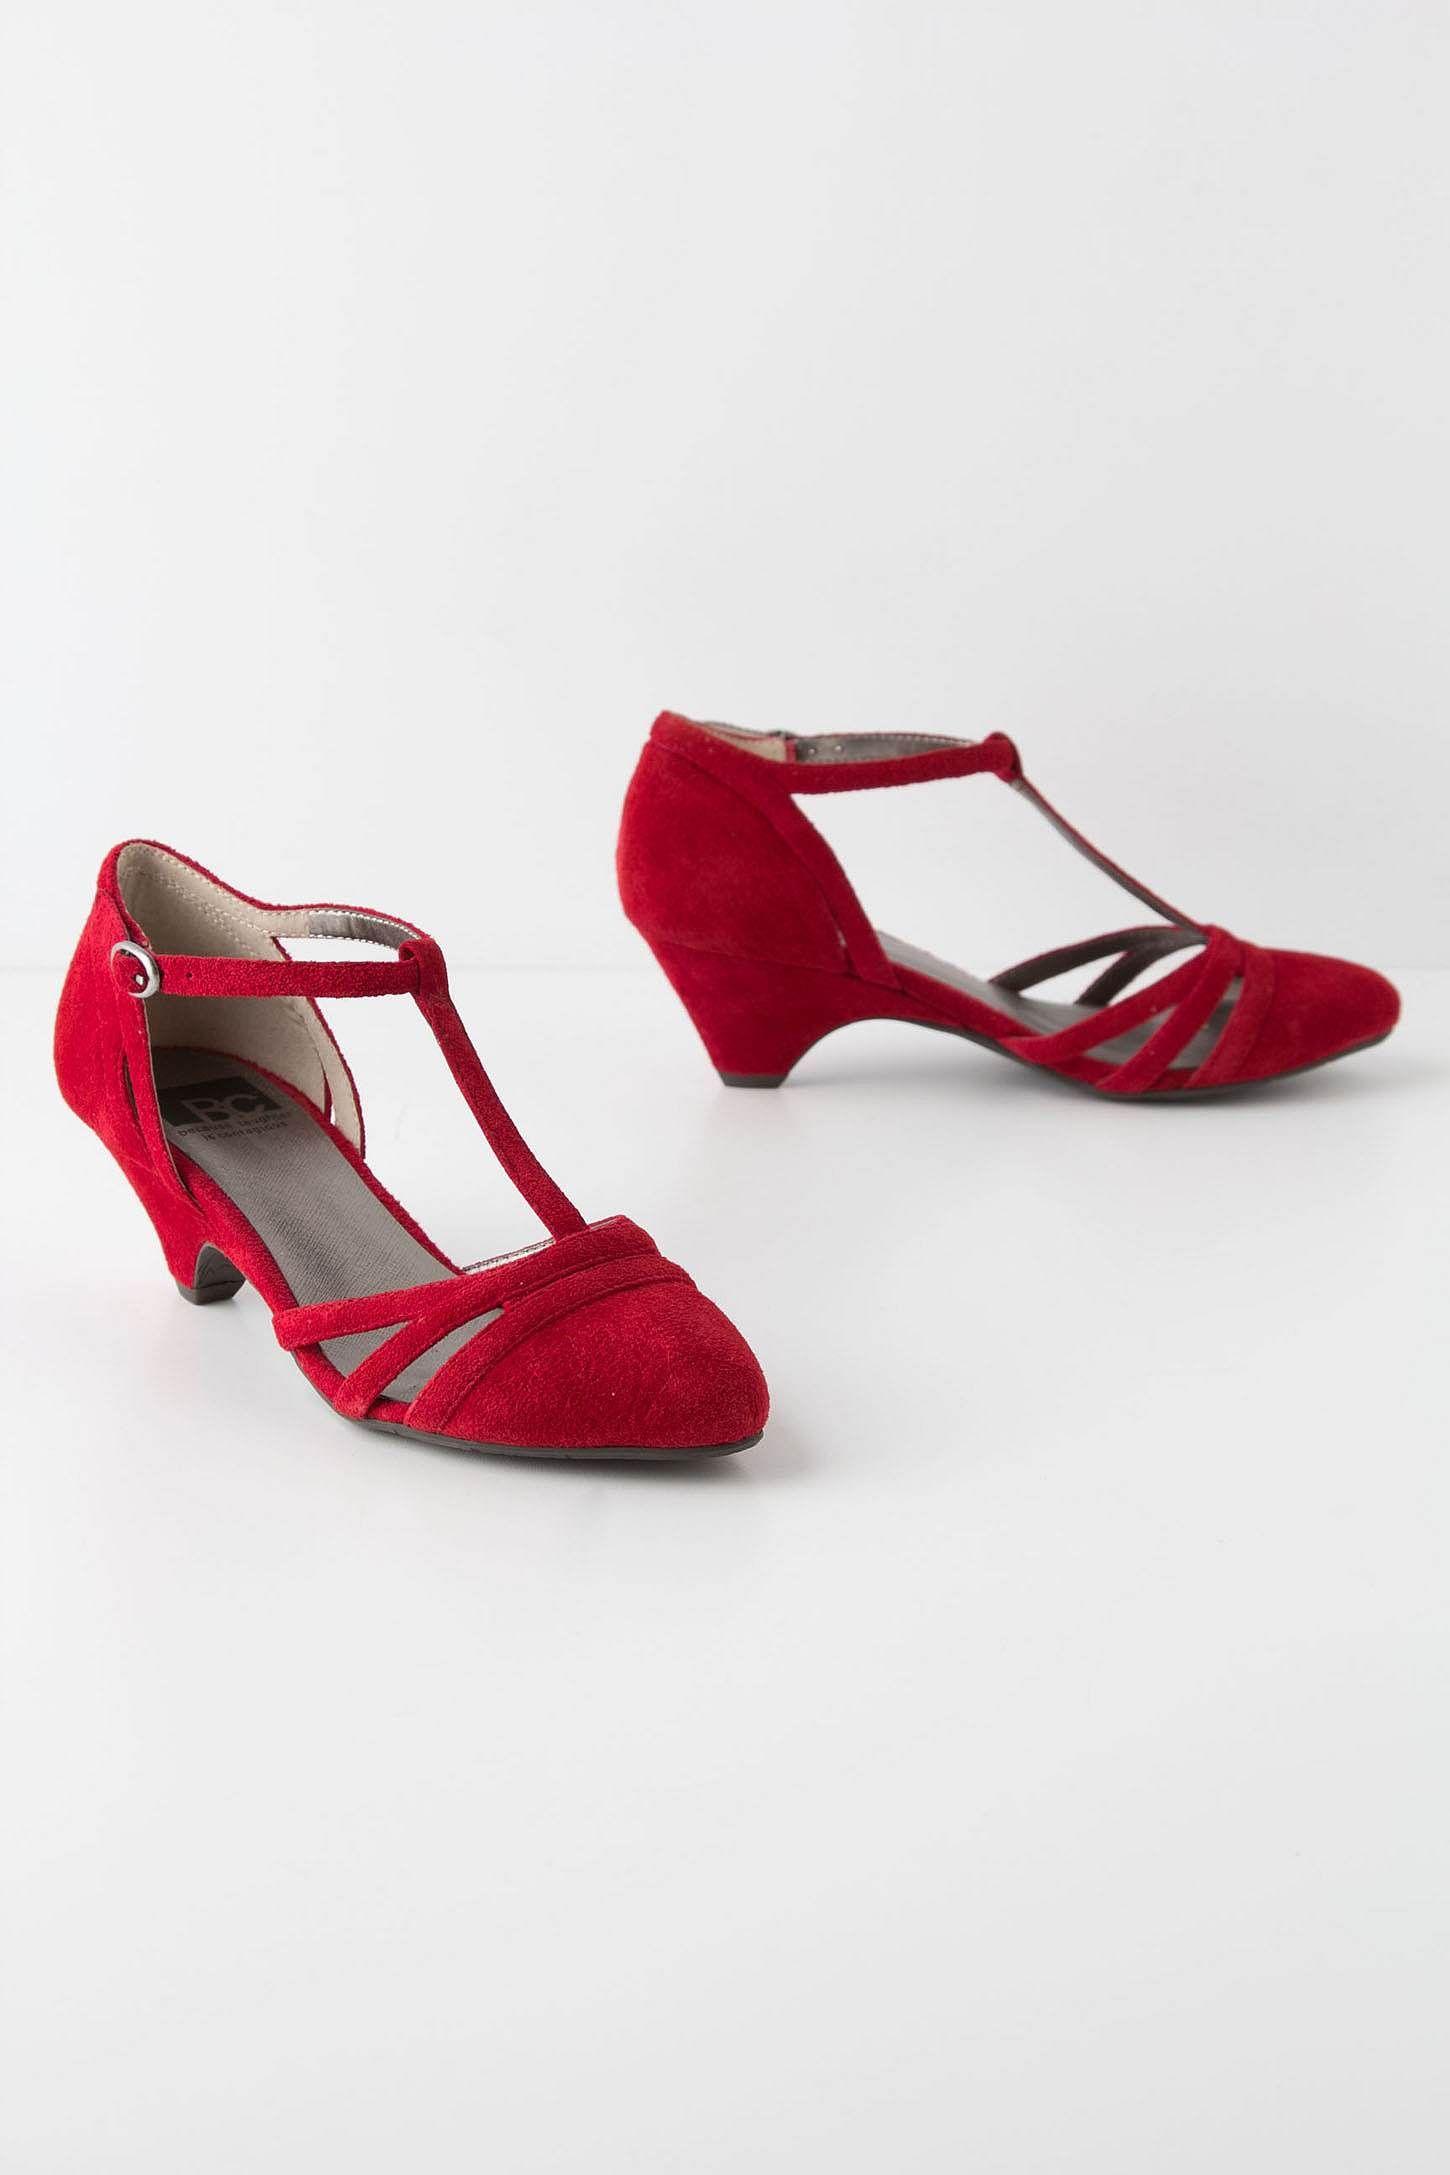 T Strap Kitten Heels in 2018    My Style   Pinterest  2018  scarpe, Heels   e0a315